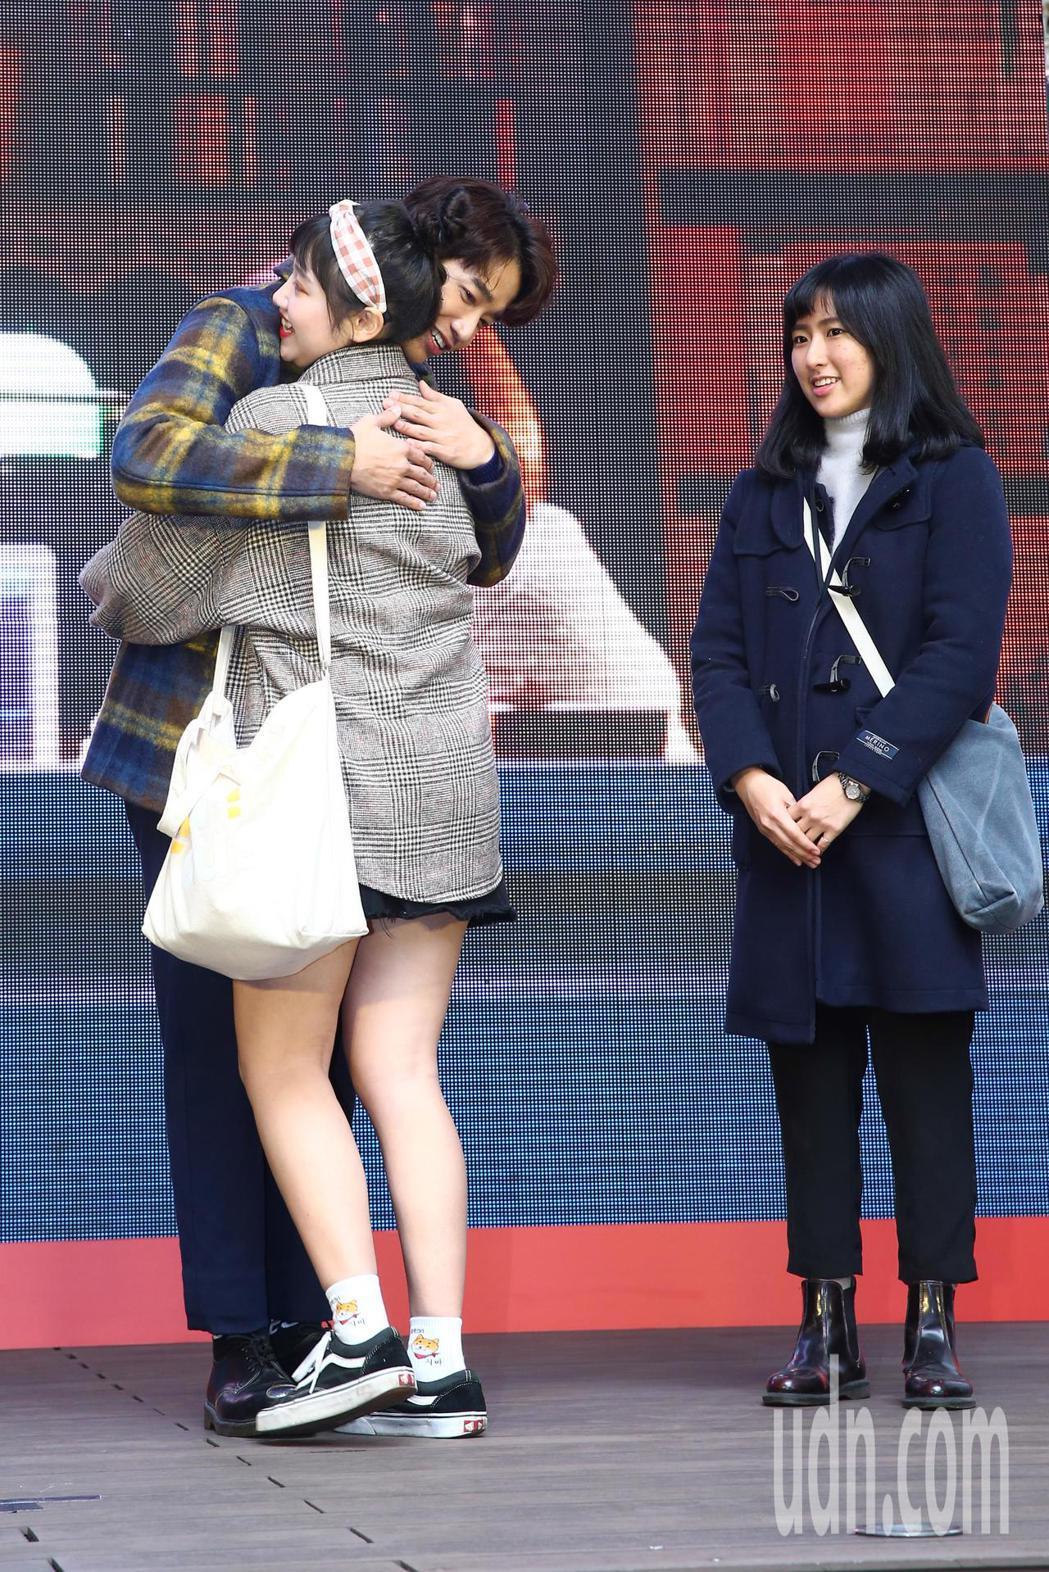 劉以豪(左一)下午出席《比悲傷更悲傷的故事》台灣電影票房冠軍記者會,並兌現承諾與...